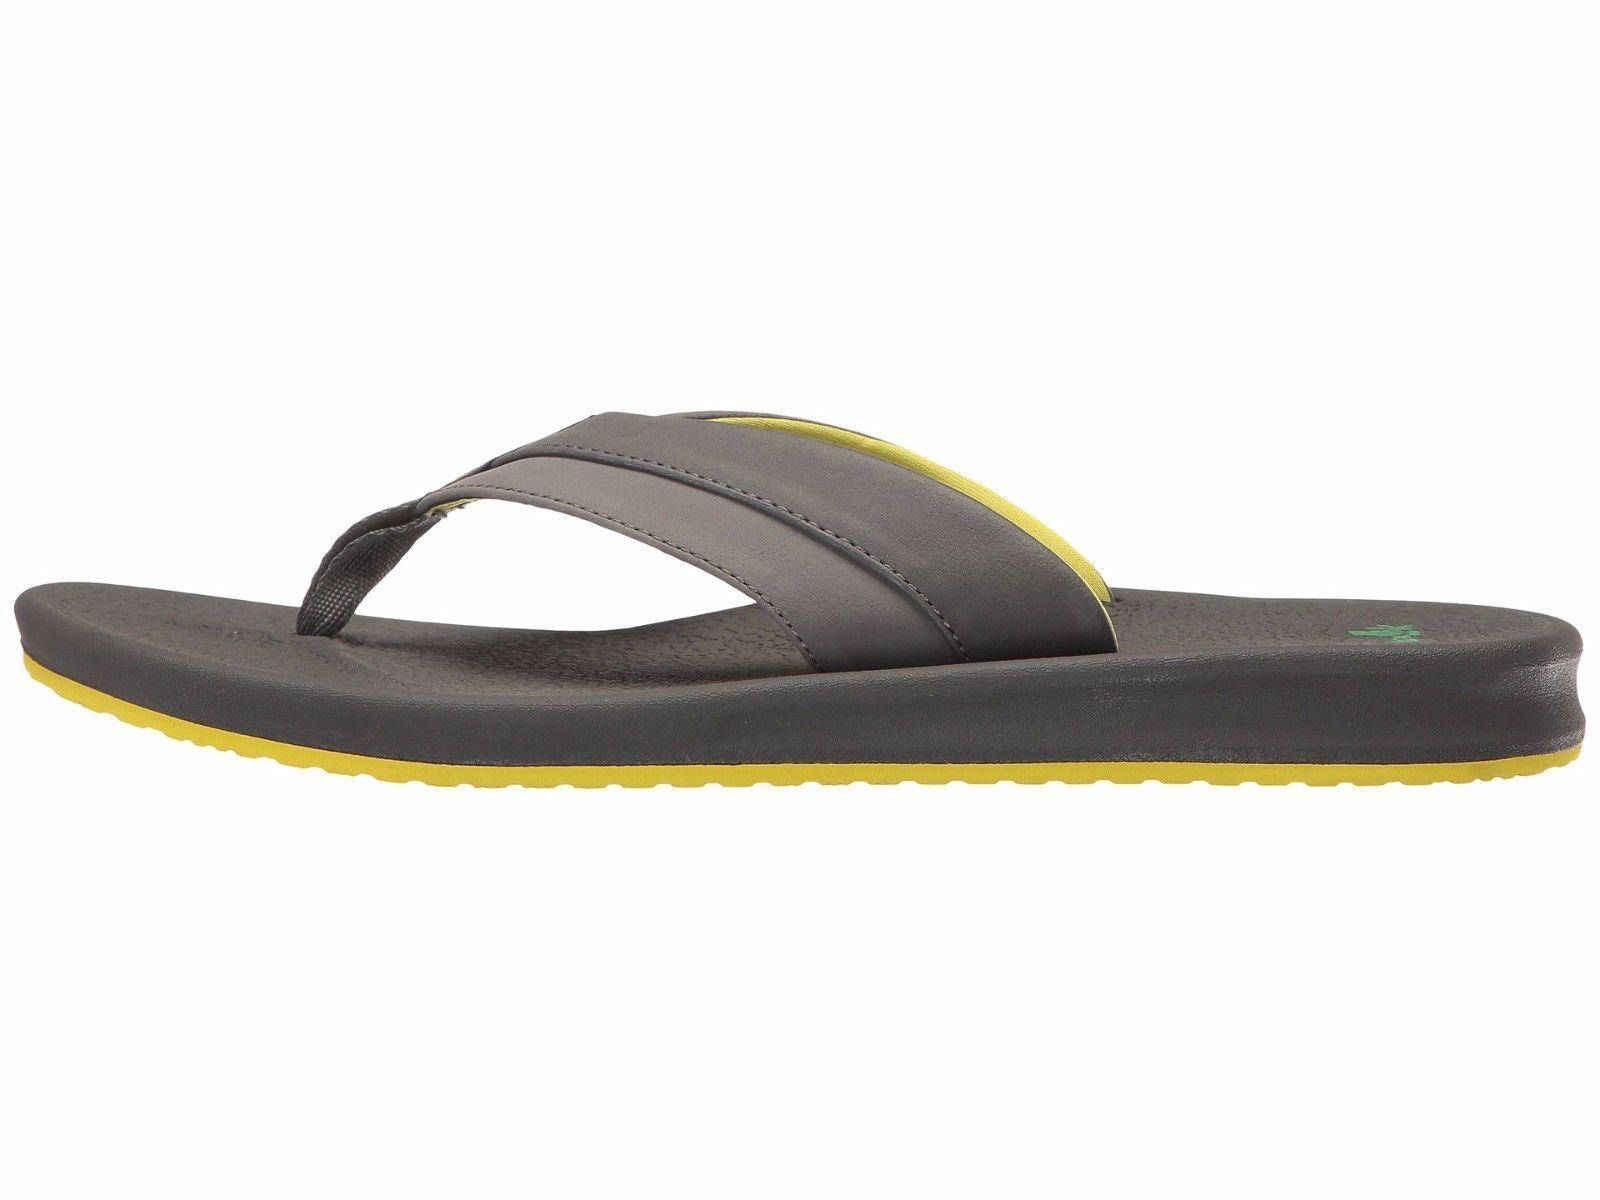 59db0ac36182 Sanuk Brumeister Brumeister Brumeister Charcoal Men s Casual Flip Flop  Sandals 1015944 7c6559